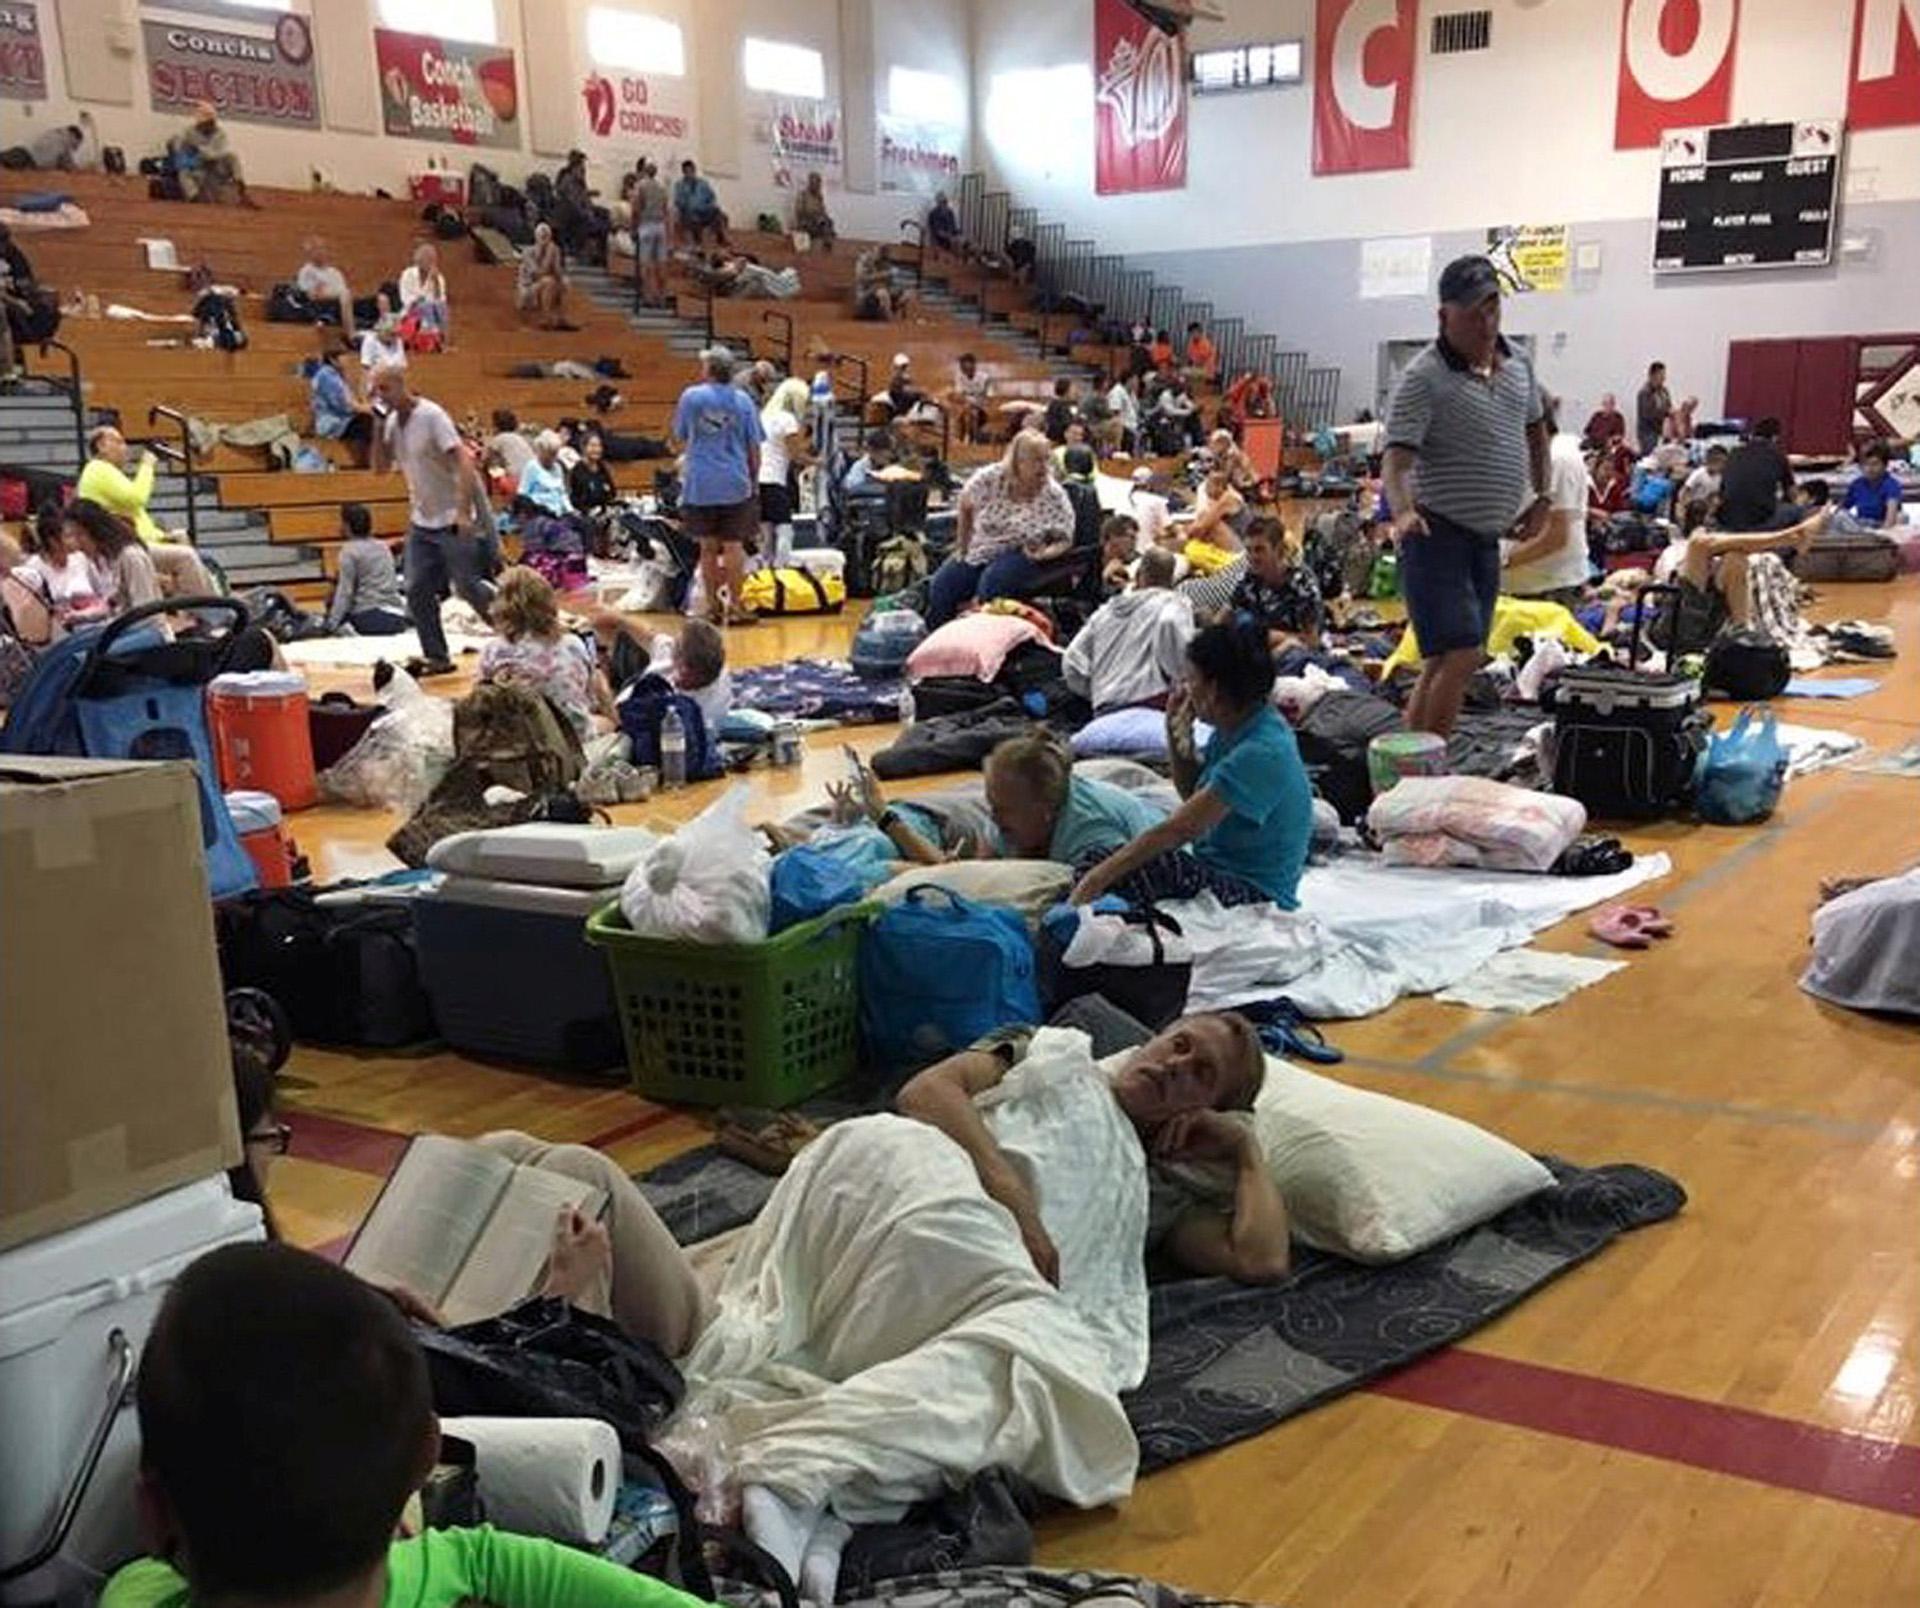 La gente se refugia en la Escuela Secundaria Key West en Key West, Florida, EE. UU. a medida que se acerca el huracán Irma, en este 9 de septiembre de 2017. (Reuters)